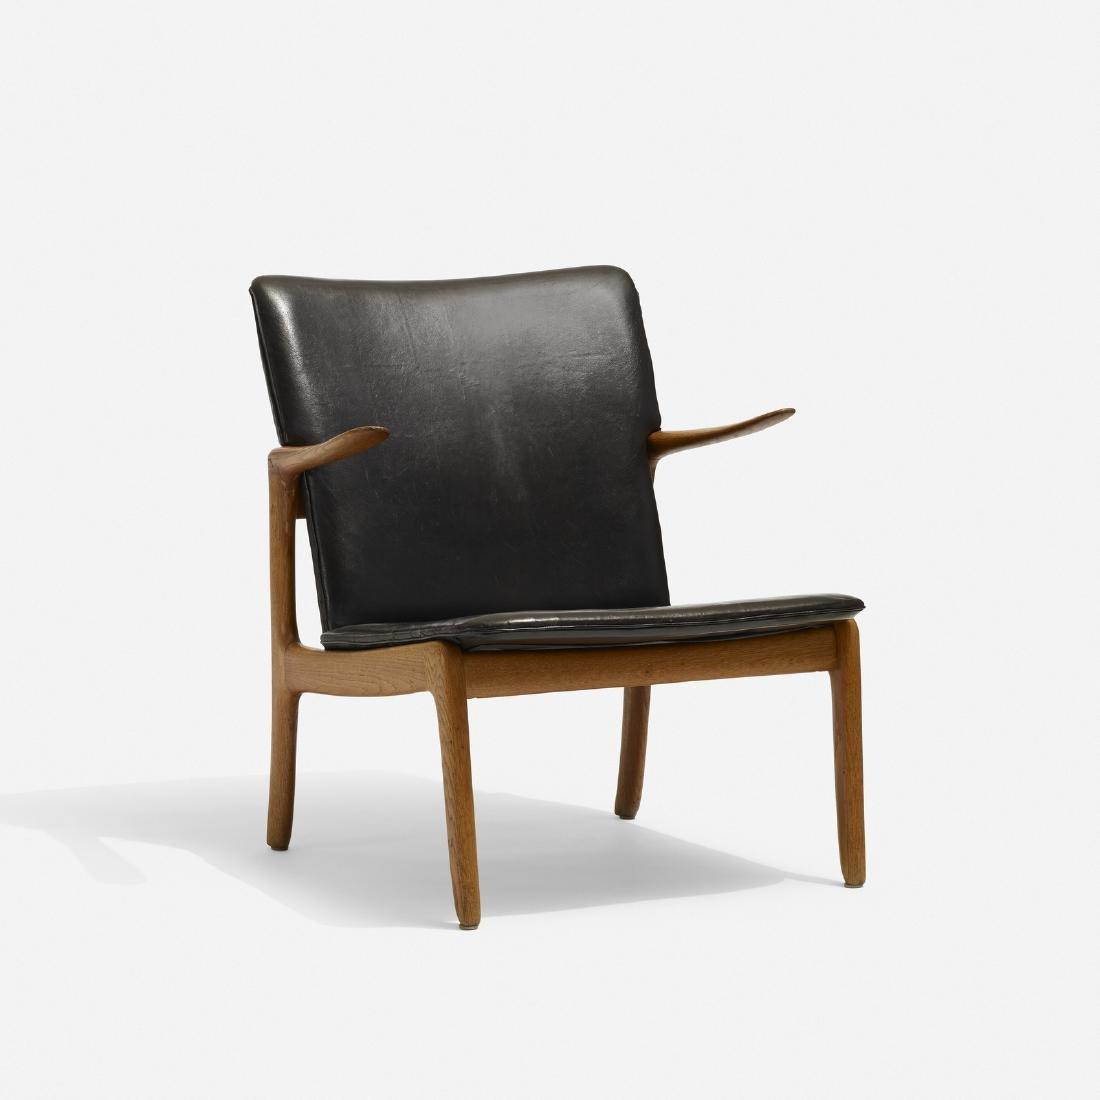 Ole Wanscher, lounge chair